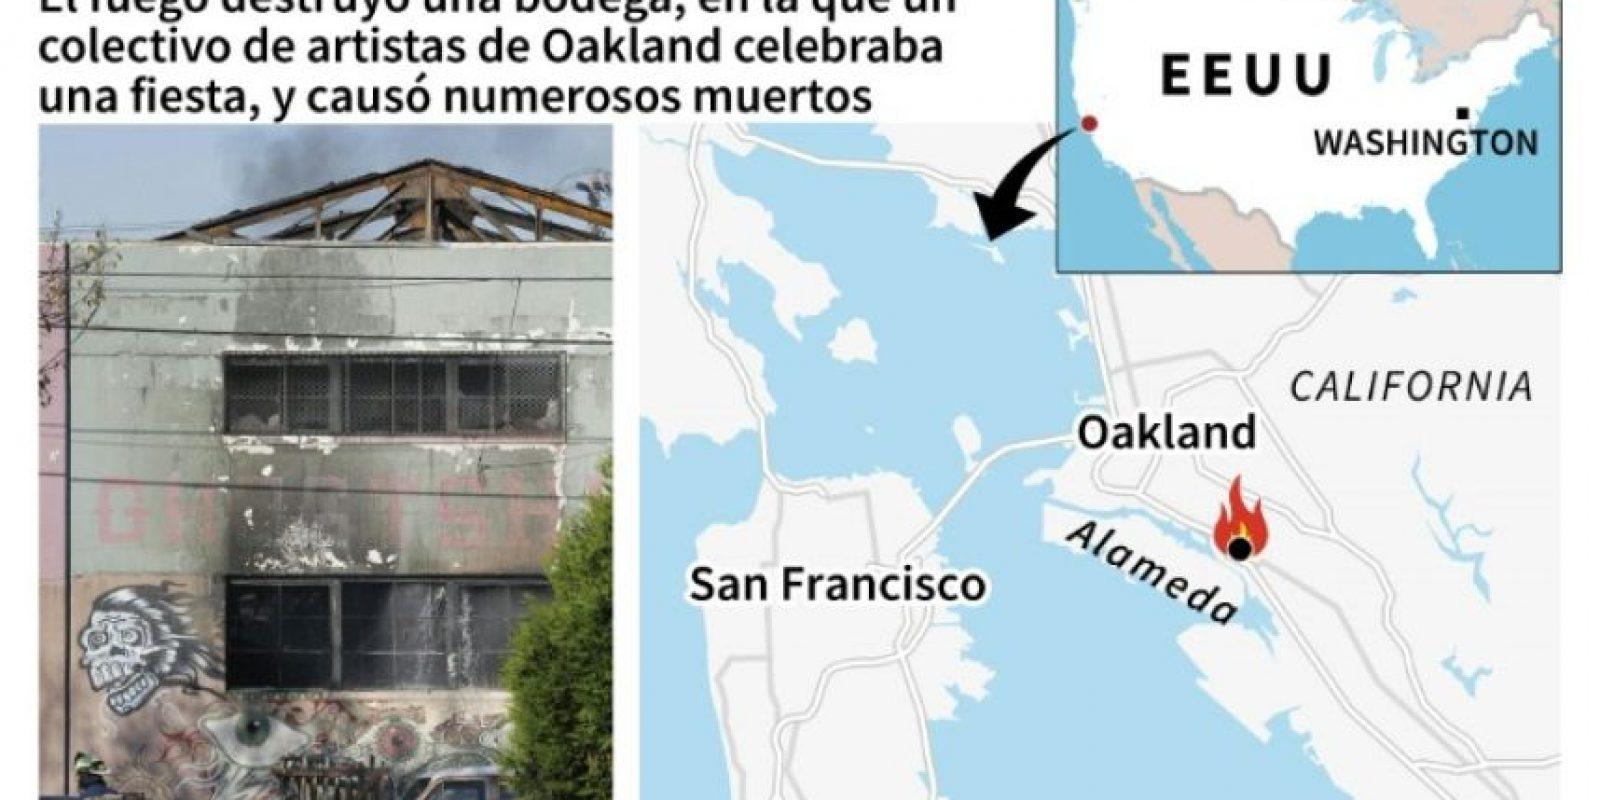 Numerosas personas murieron en el incendio registrado en un edificio en el que un colectivo de artistas de Oakland, cerca de San Francisco (oeste de EEUU), celebraba una fiesta Foto:Marimé Brunengo/afp.com